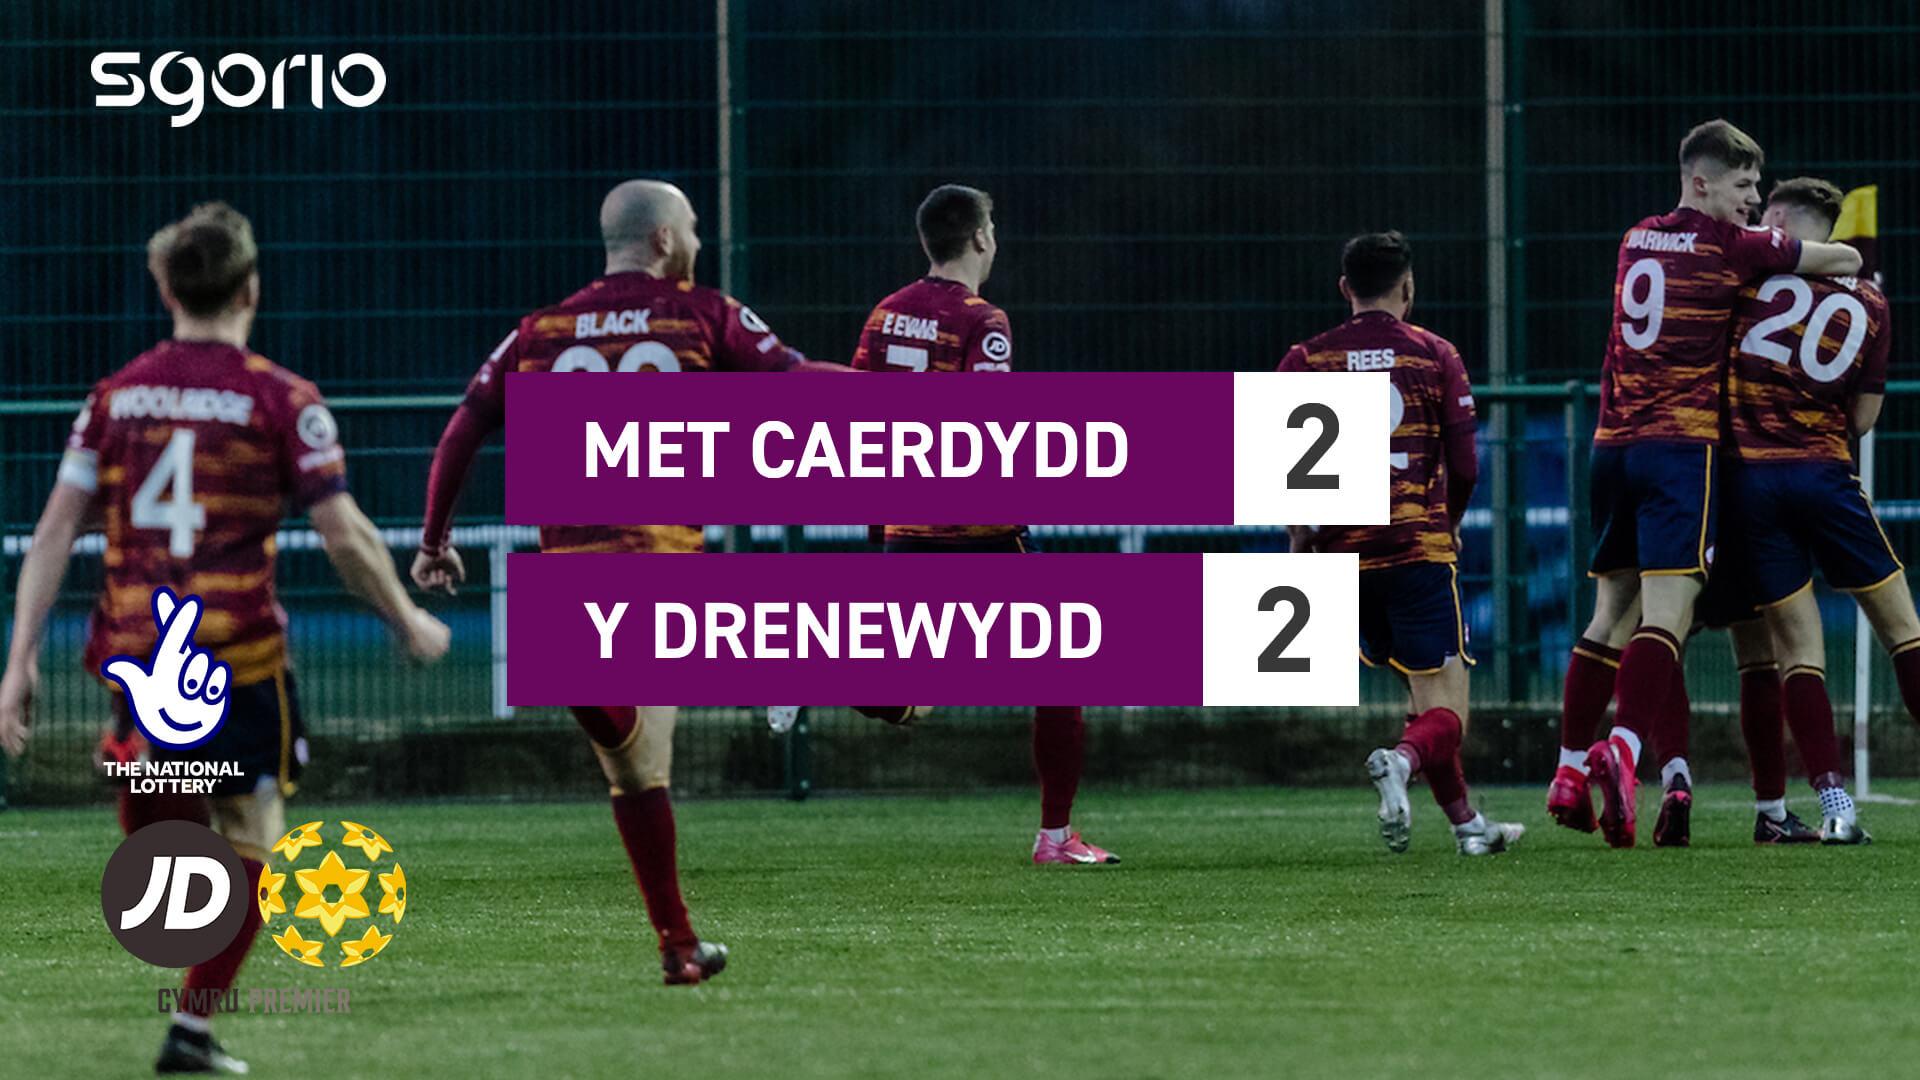 Met Caerdydd 2-2 Y Drenewydd